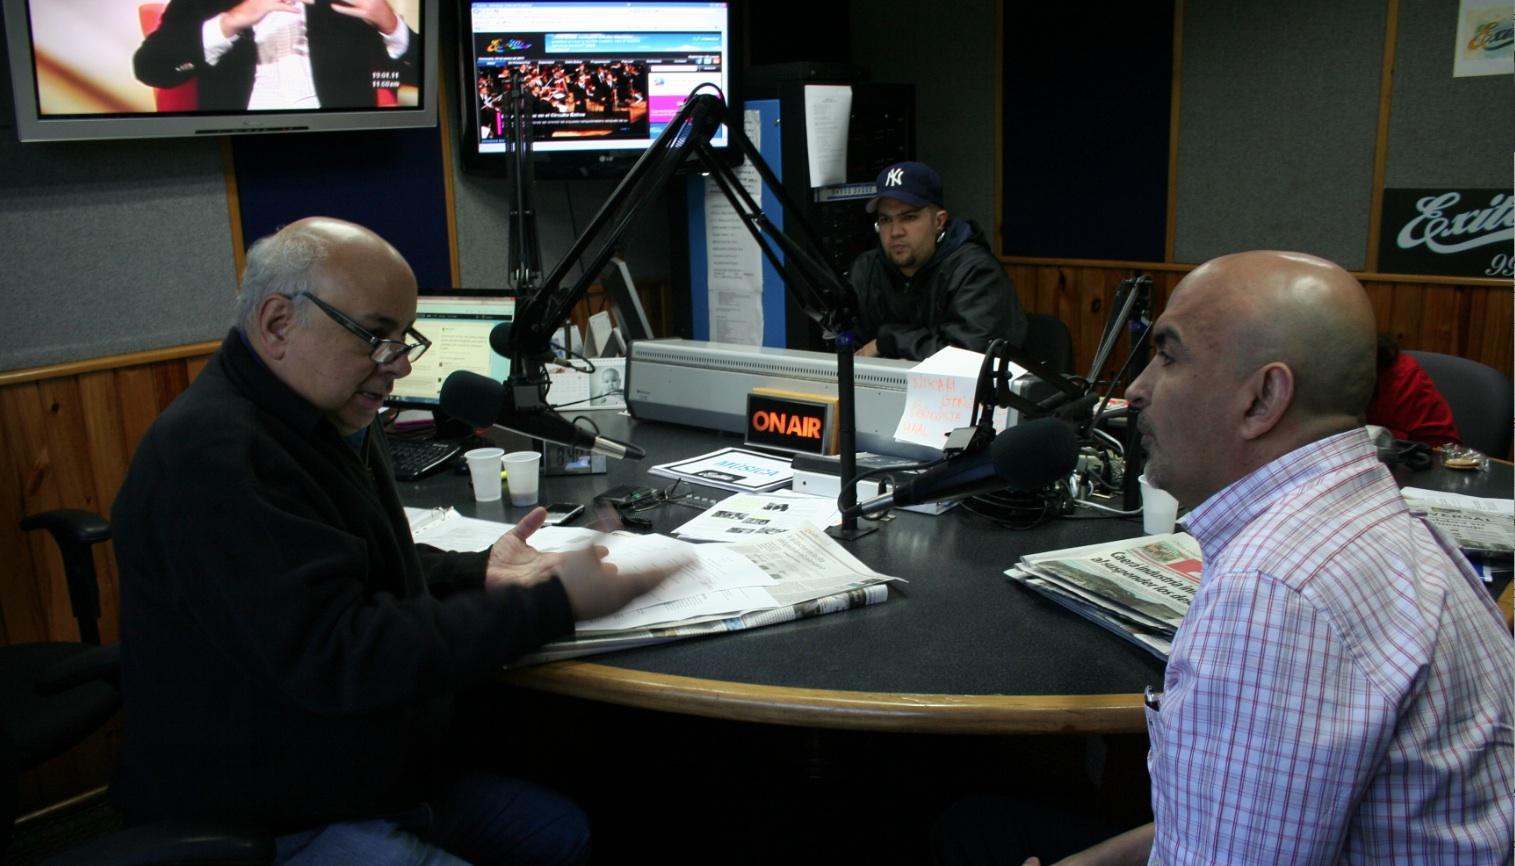 Entrevista a saint en Caracas Venezuela, en la emisora Exitos 99.9